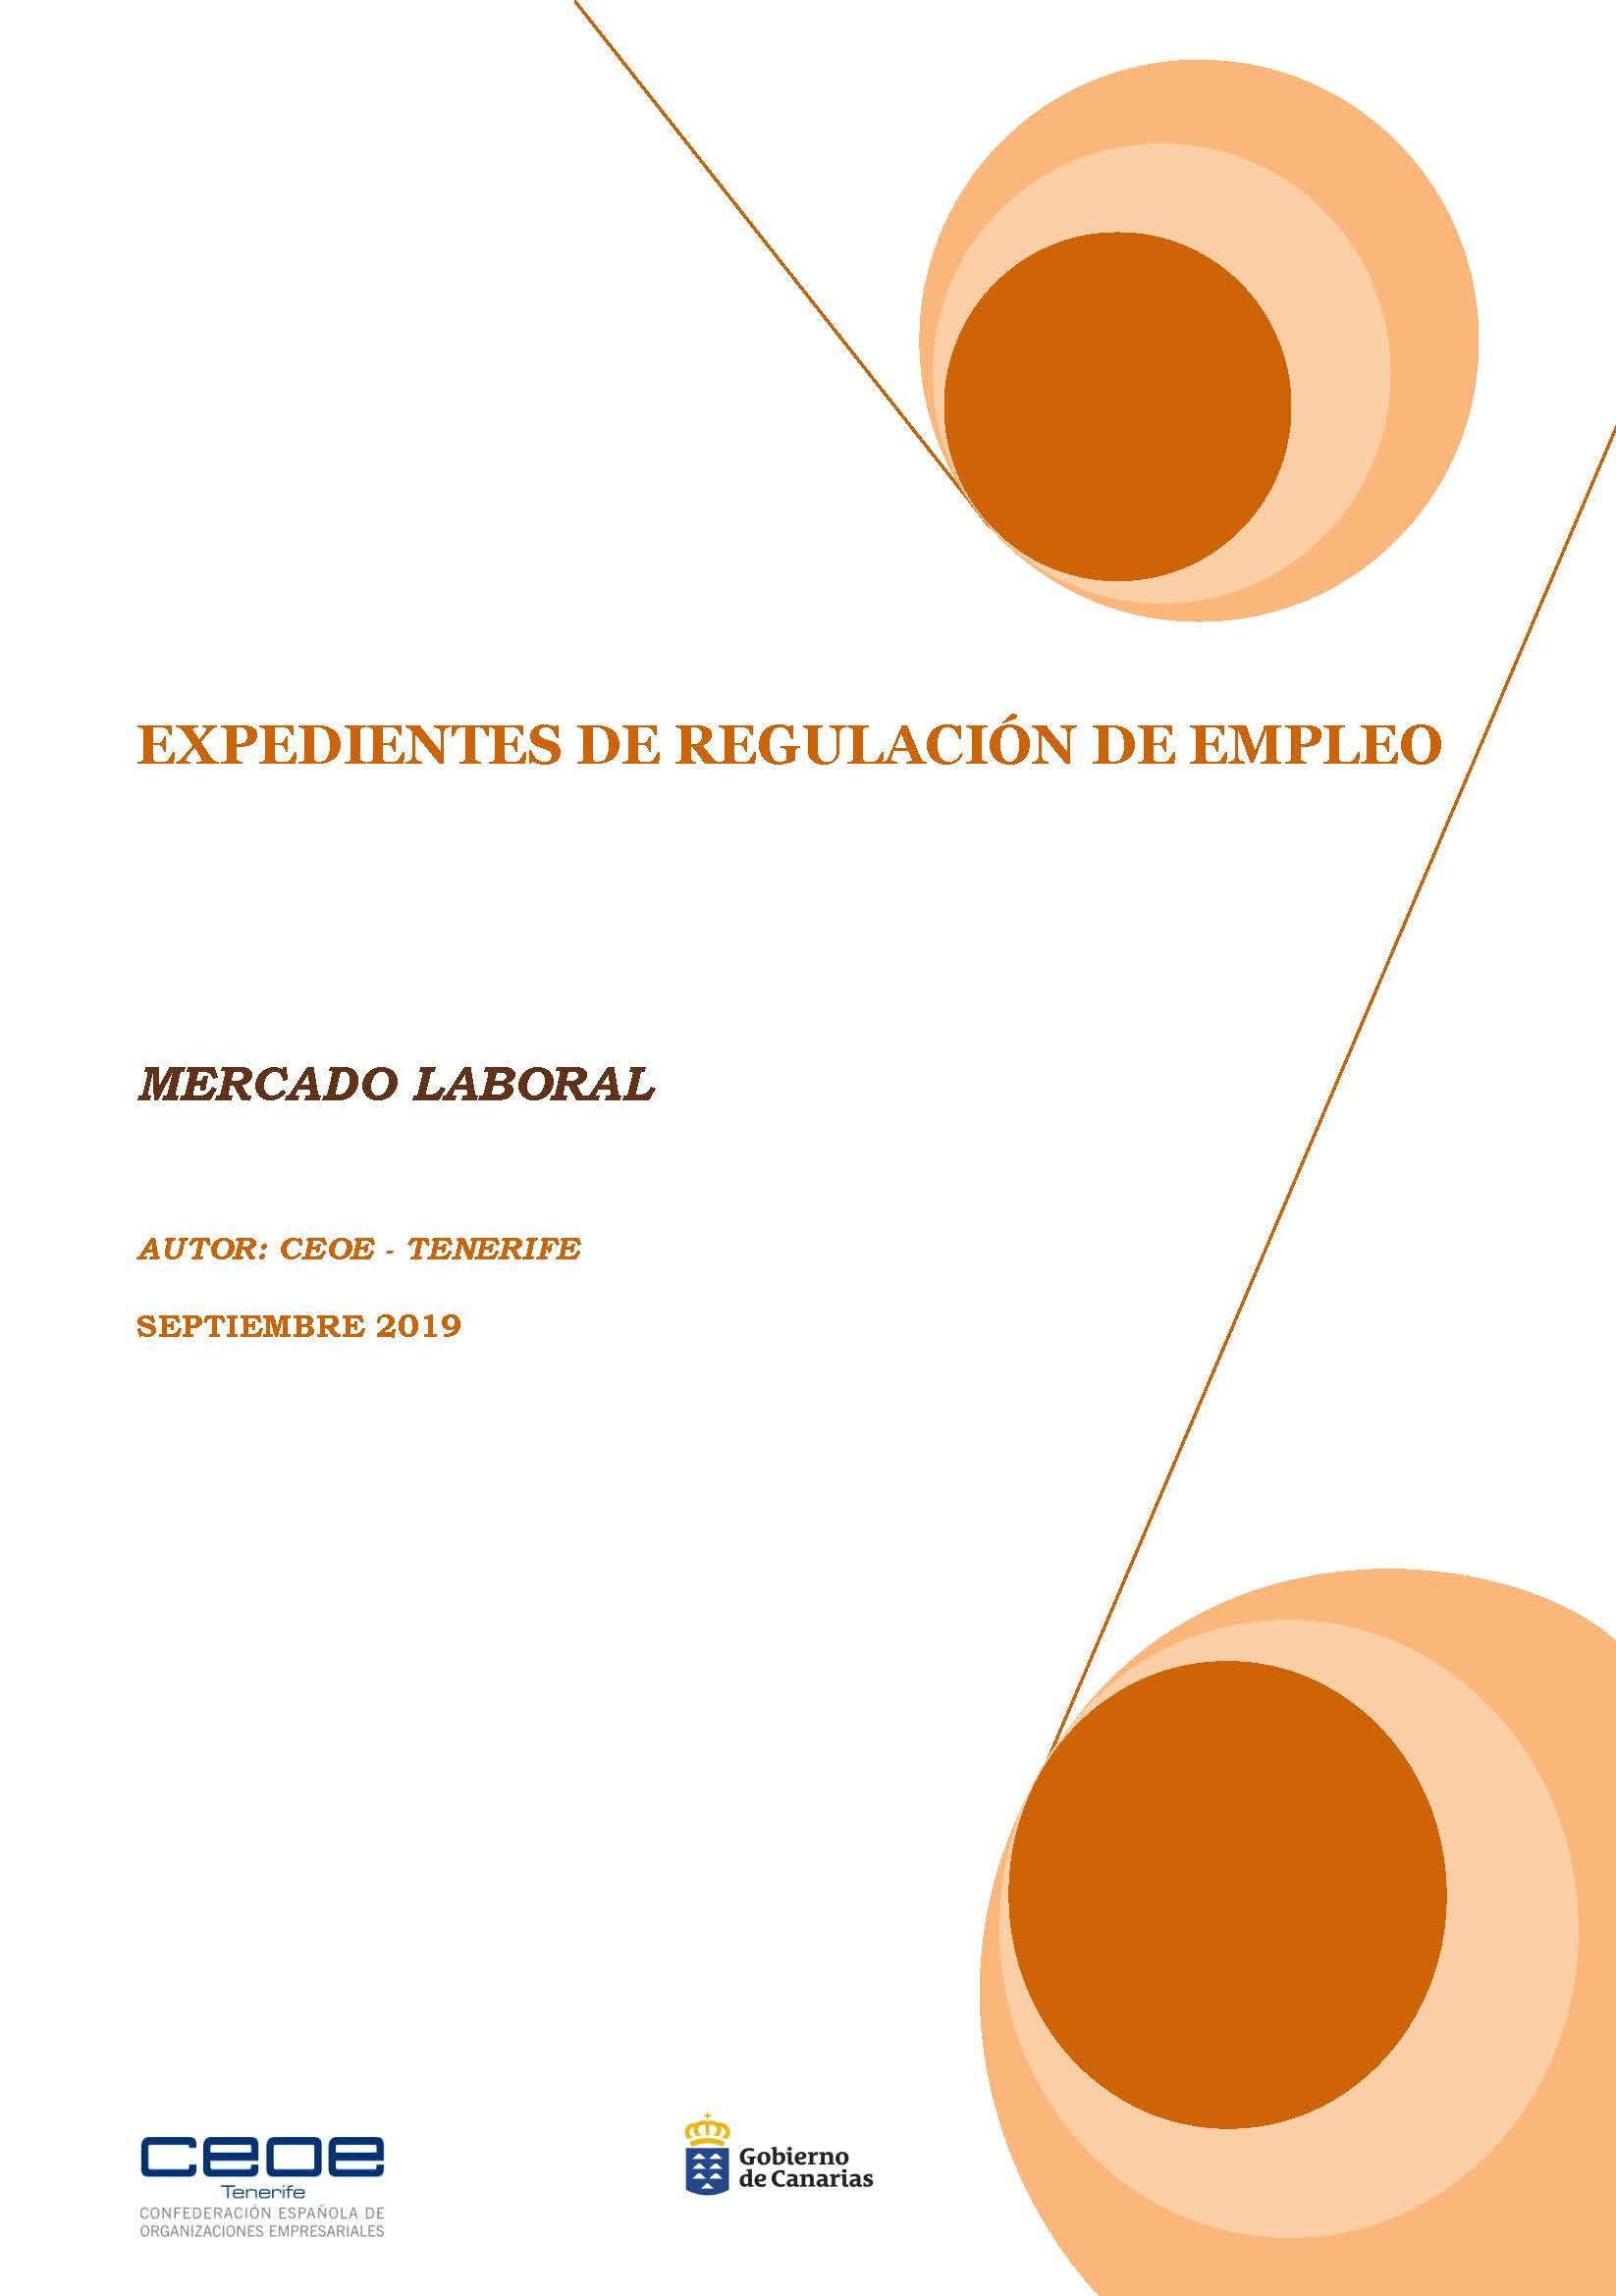 MERCADO LABORAL - ERES SEPTIEMBRE 2019